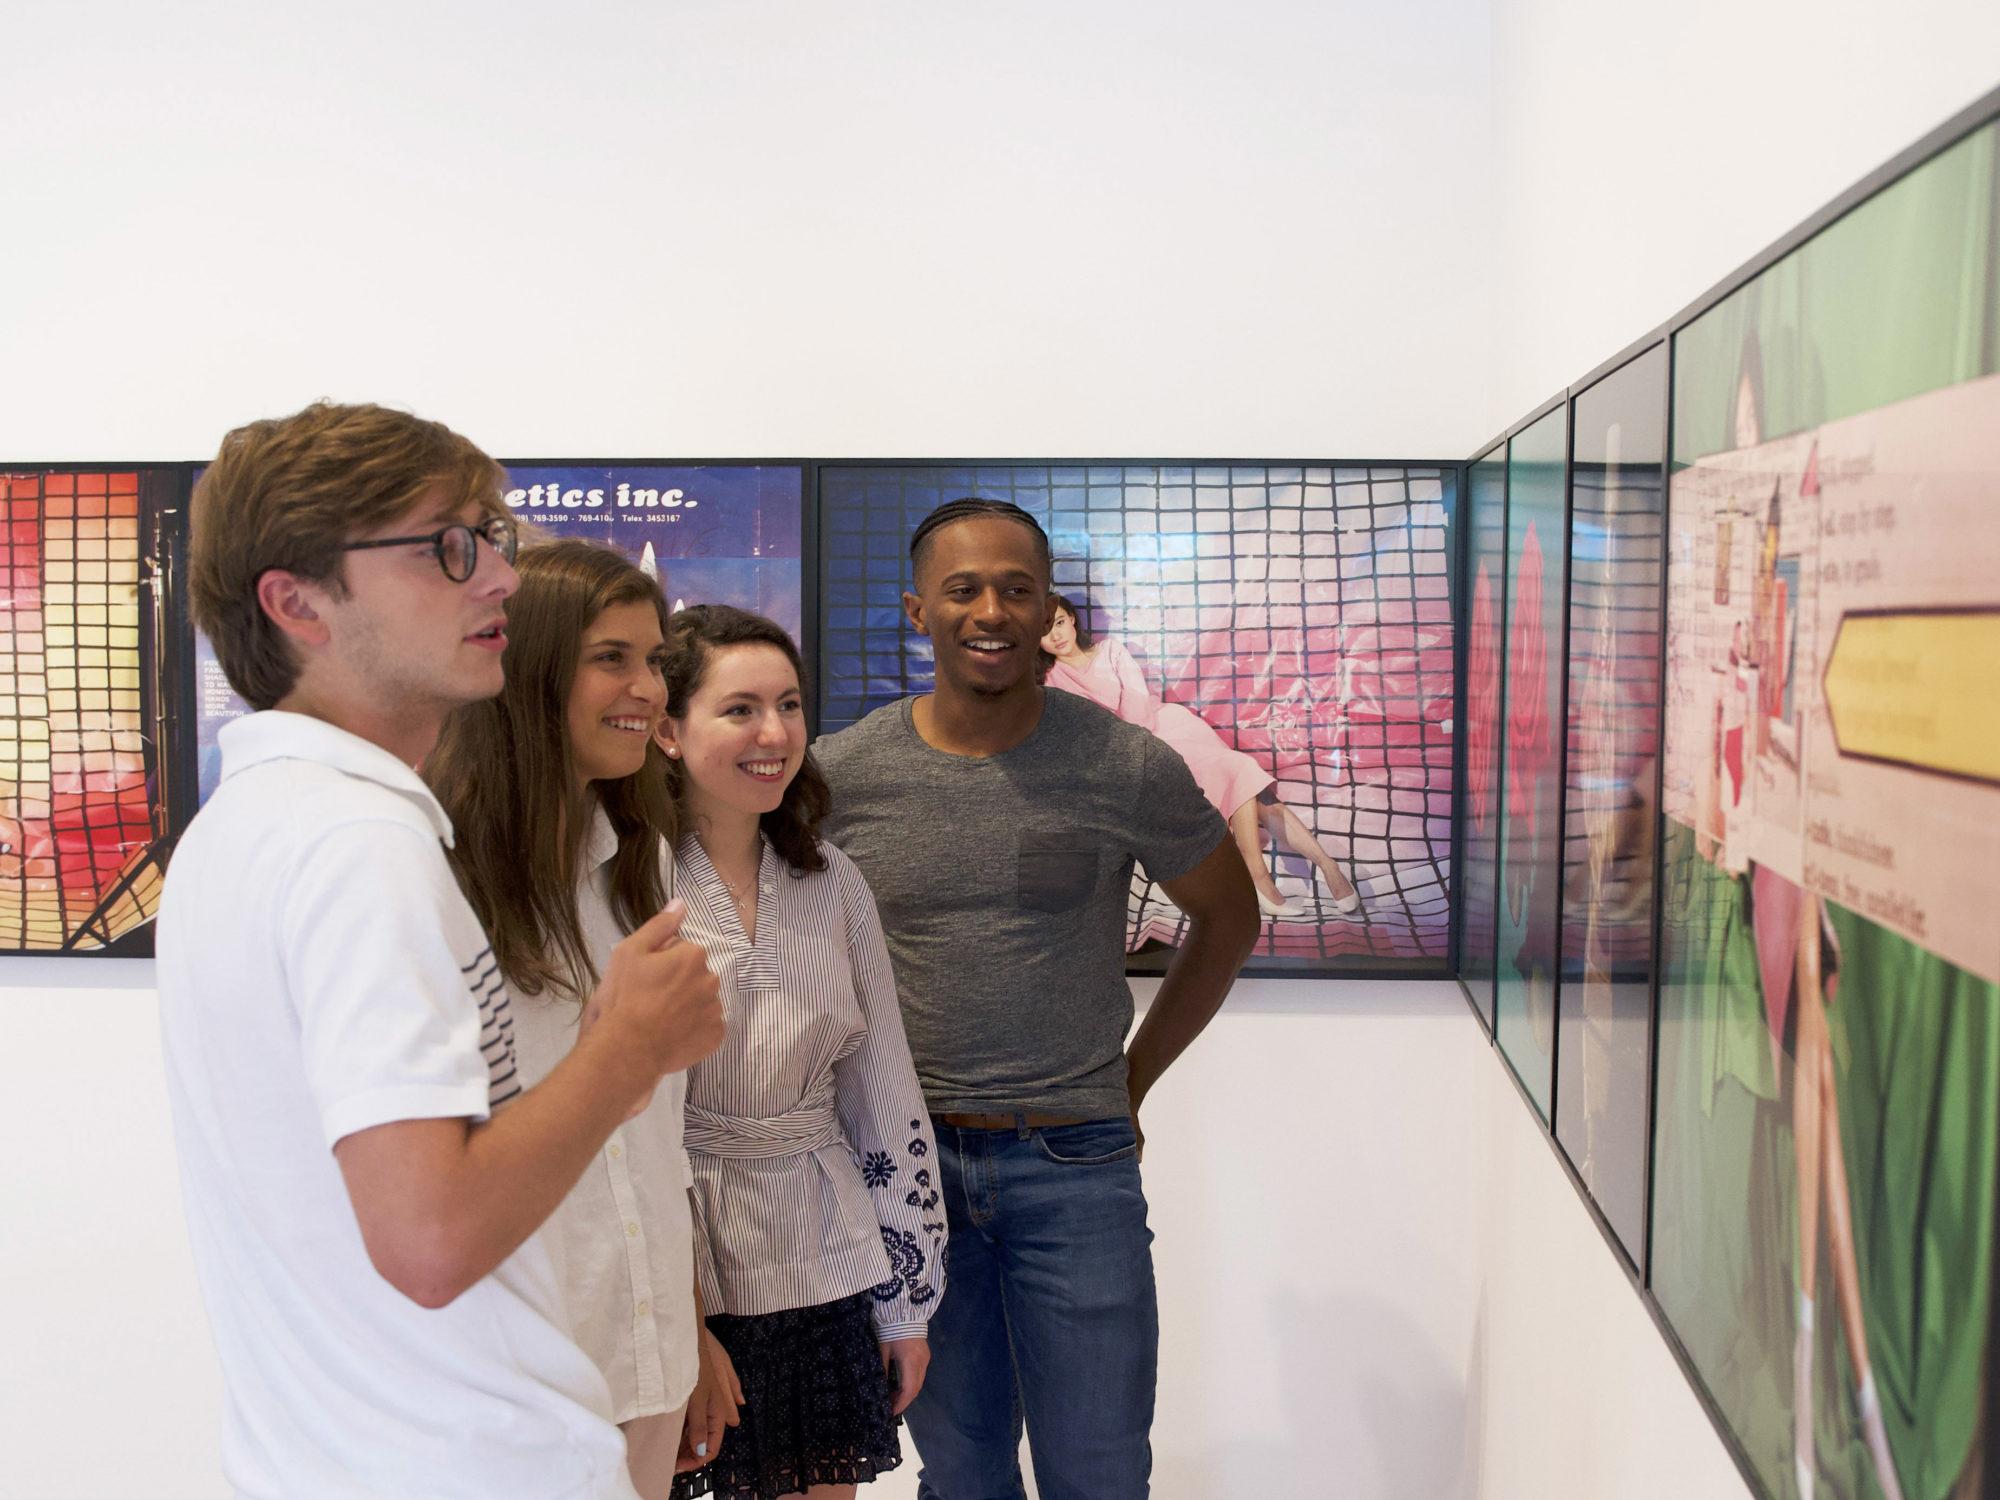 Four students look at Sara Cwynar's work